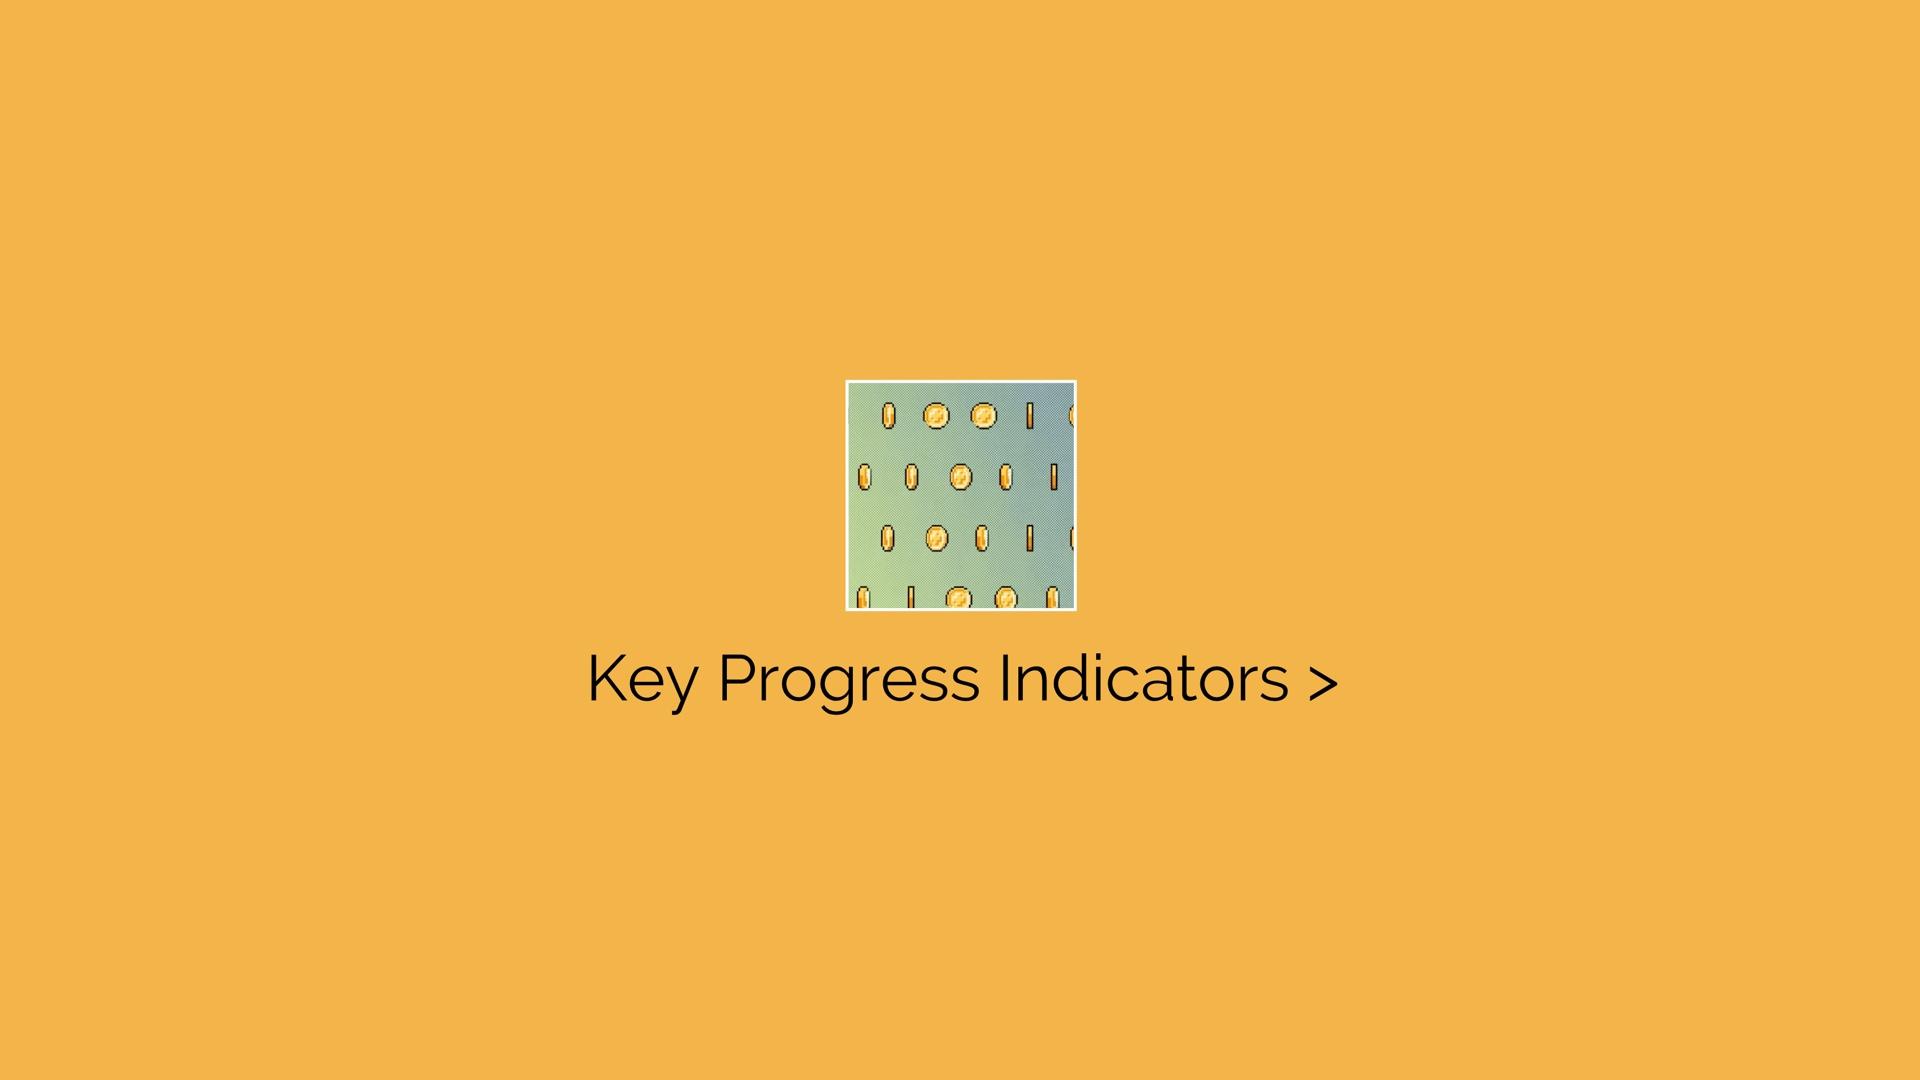 Key Progress Indicators